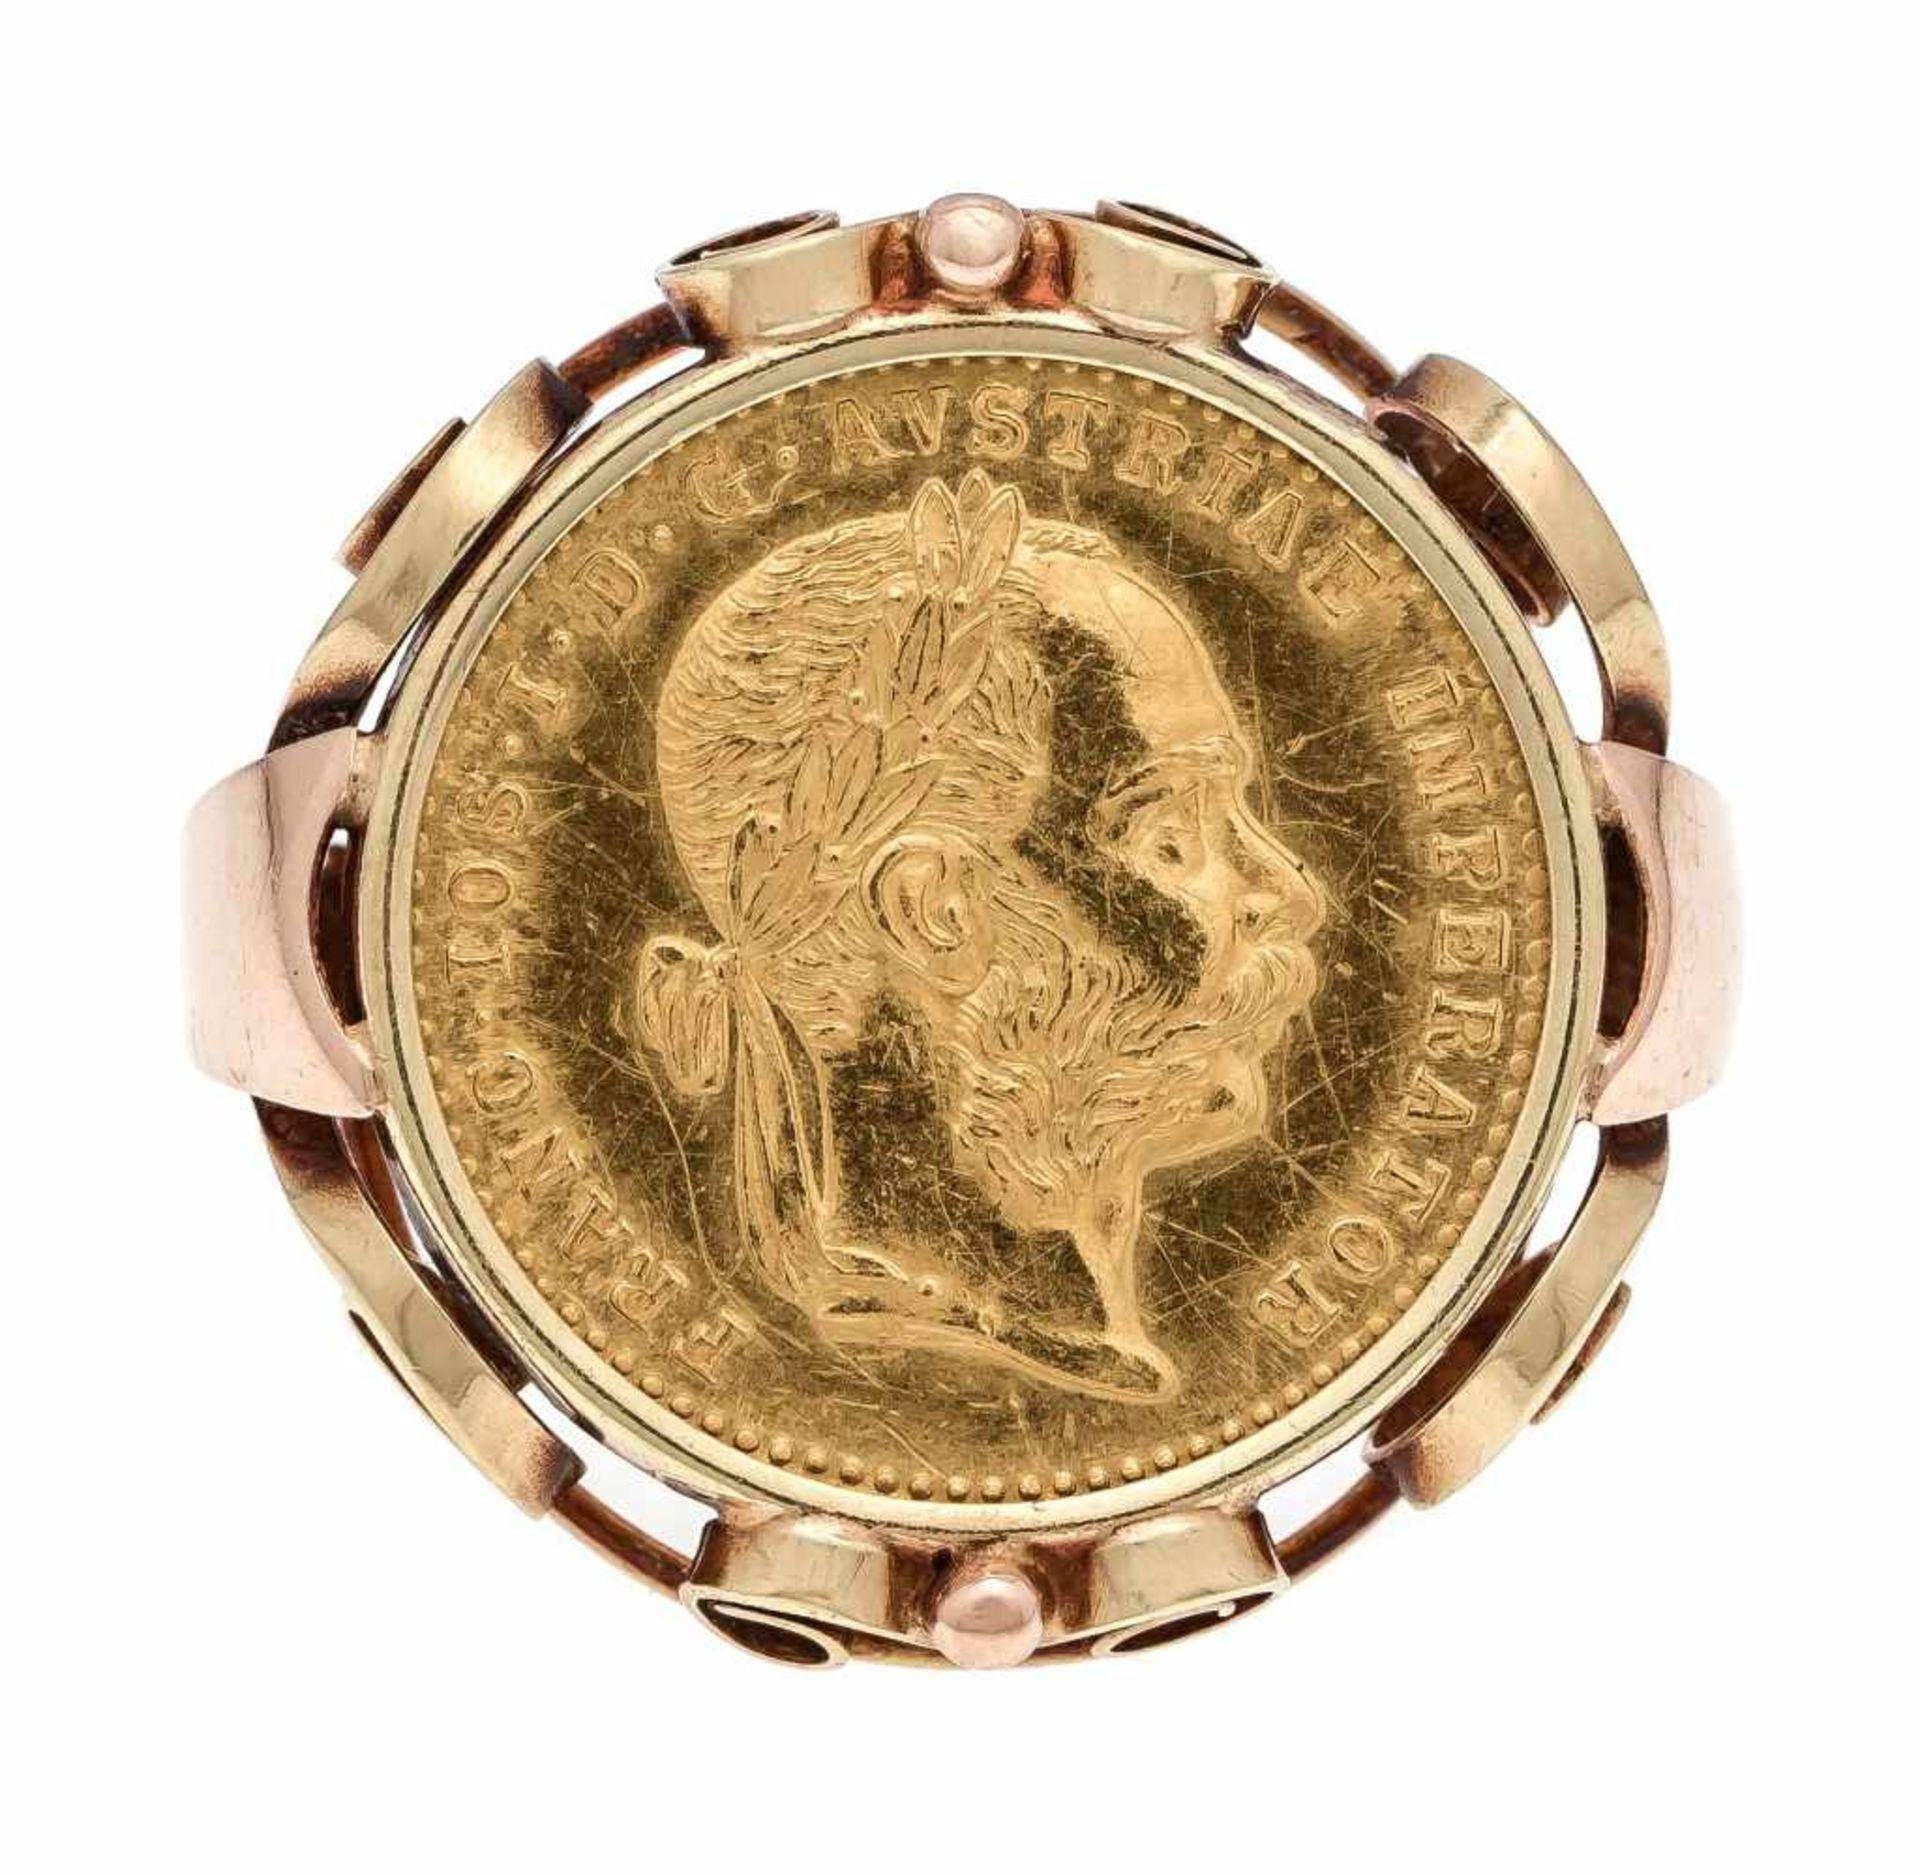 Münz-Ring GG 750/000 mit einer Goldmünze 986/000 1 Dukat 1915, RG 53, 6,7 gCoin ring GG 750/000 with - Bild 2 aus 3